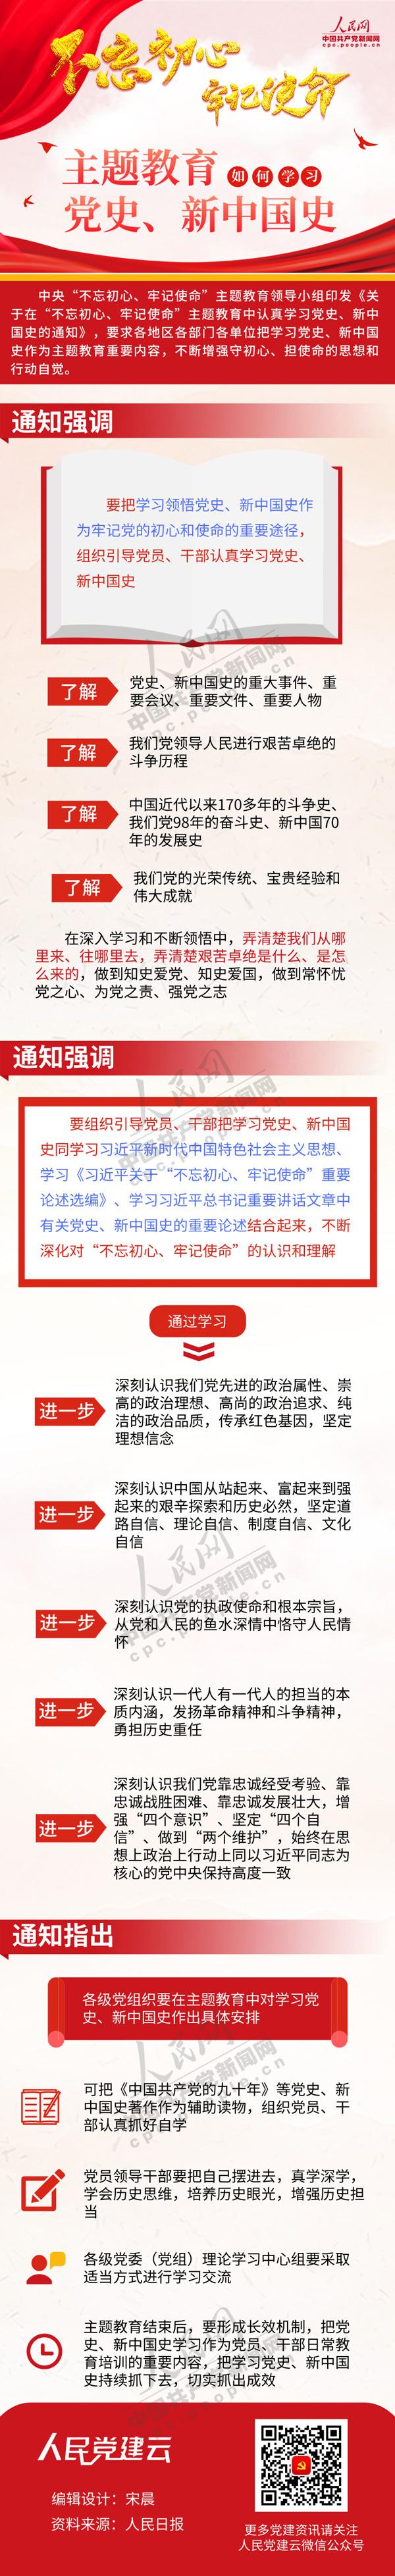 """图解:""""不忘初心、牢记使命""""主题教育中如何学习党史、新中国史"""